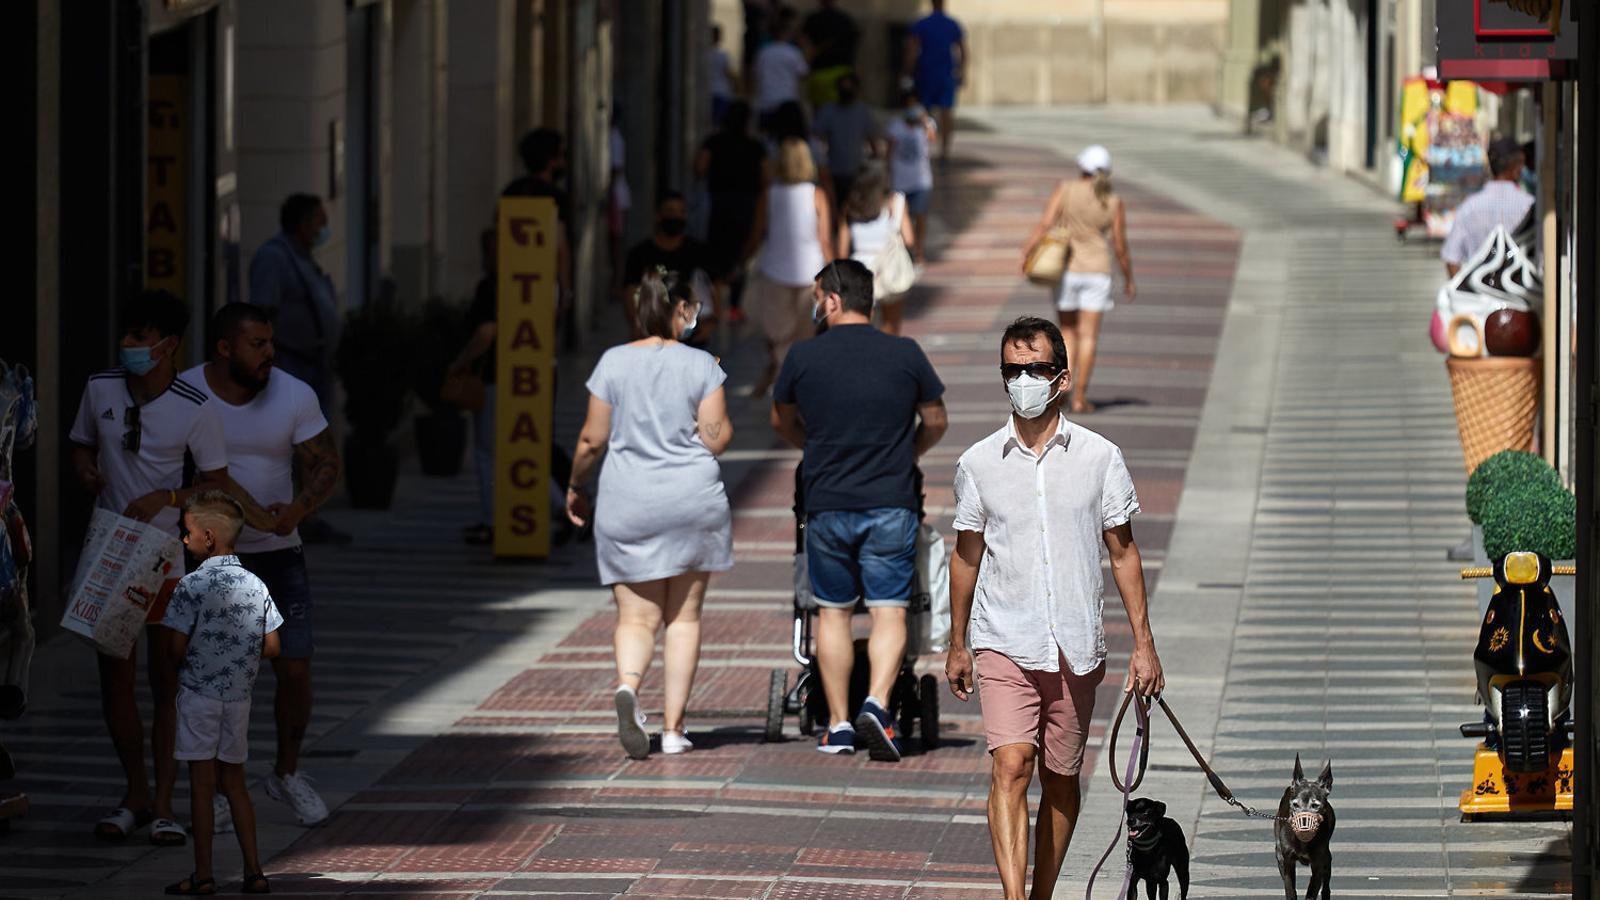 Veïns passejant amb mascaretes ahir pels carrers de Figueres. / DAVID BORRAT